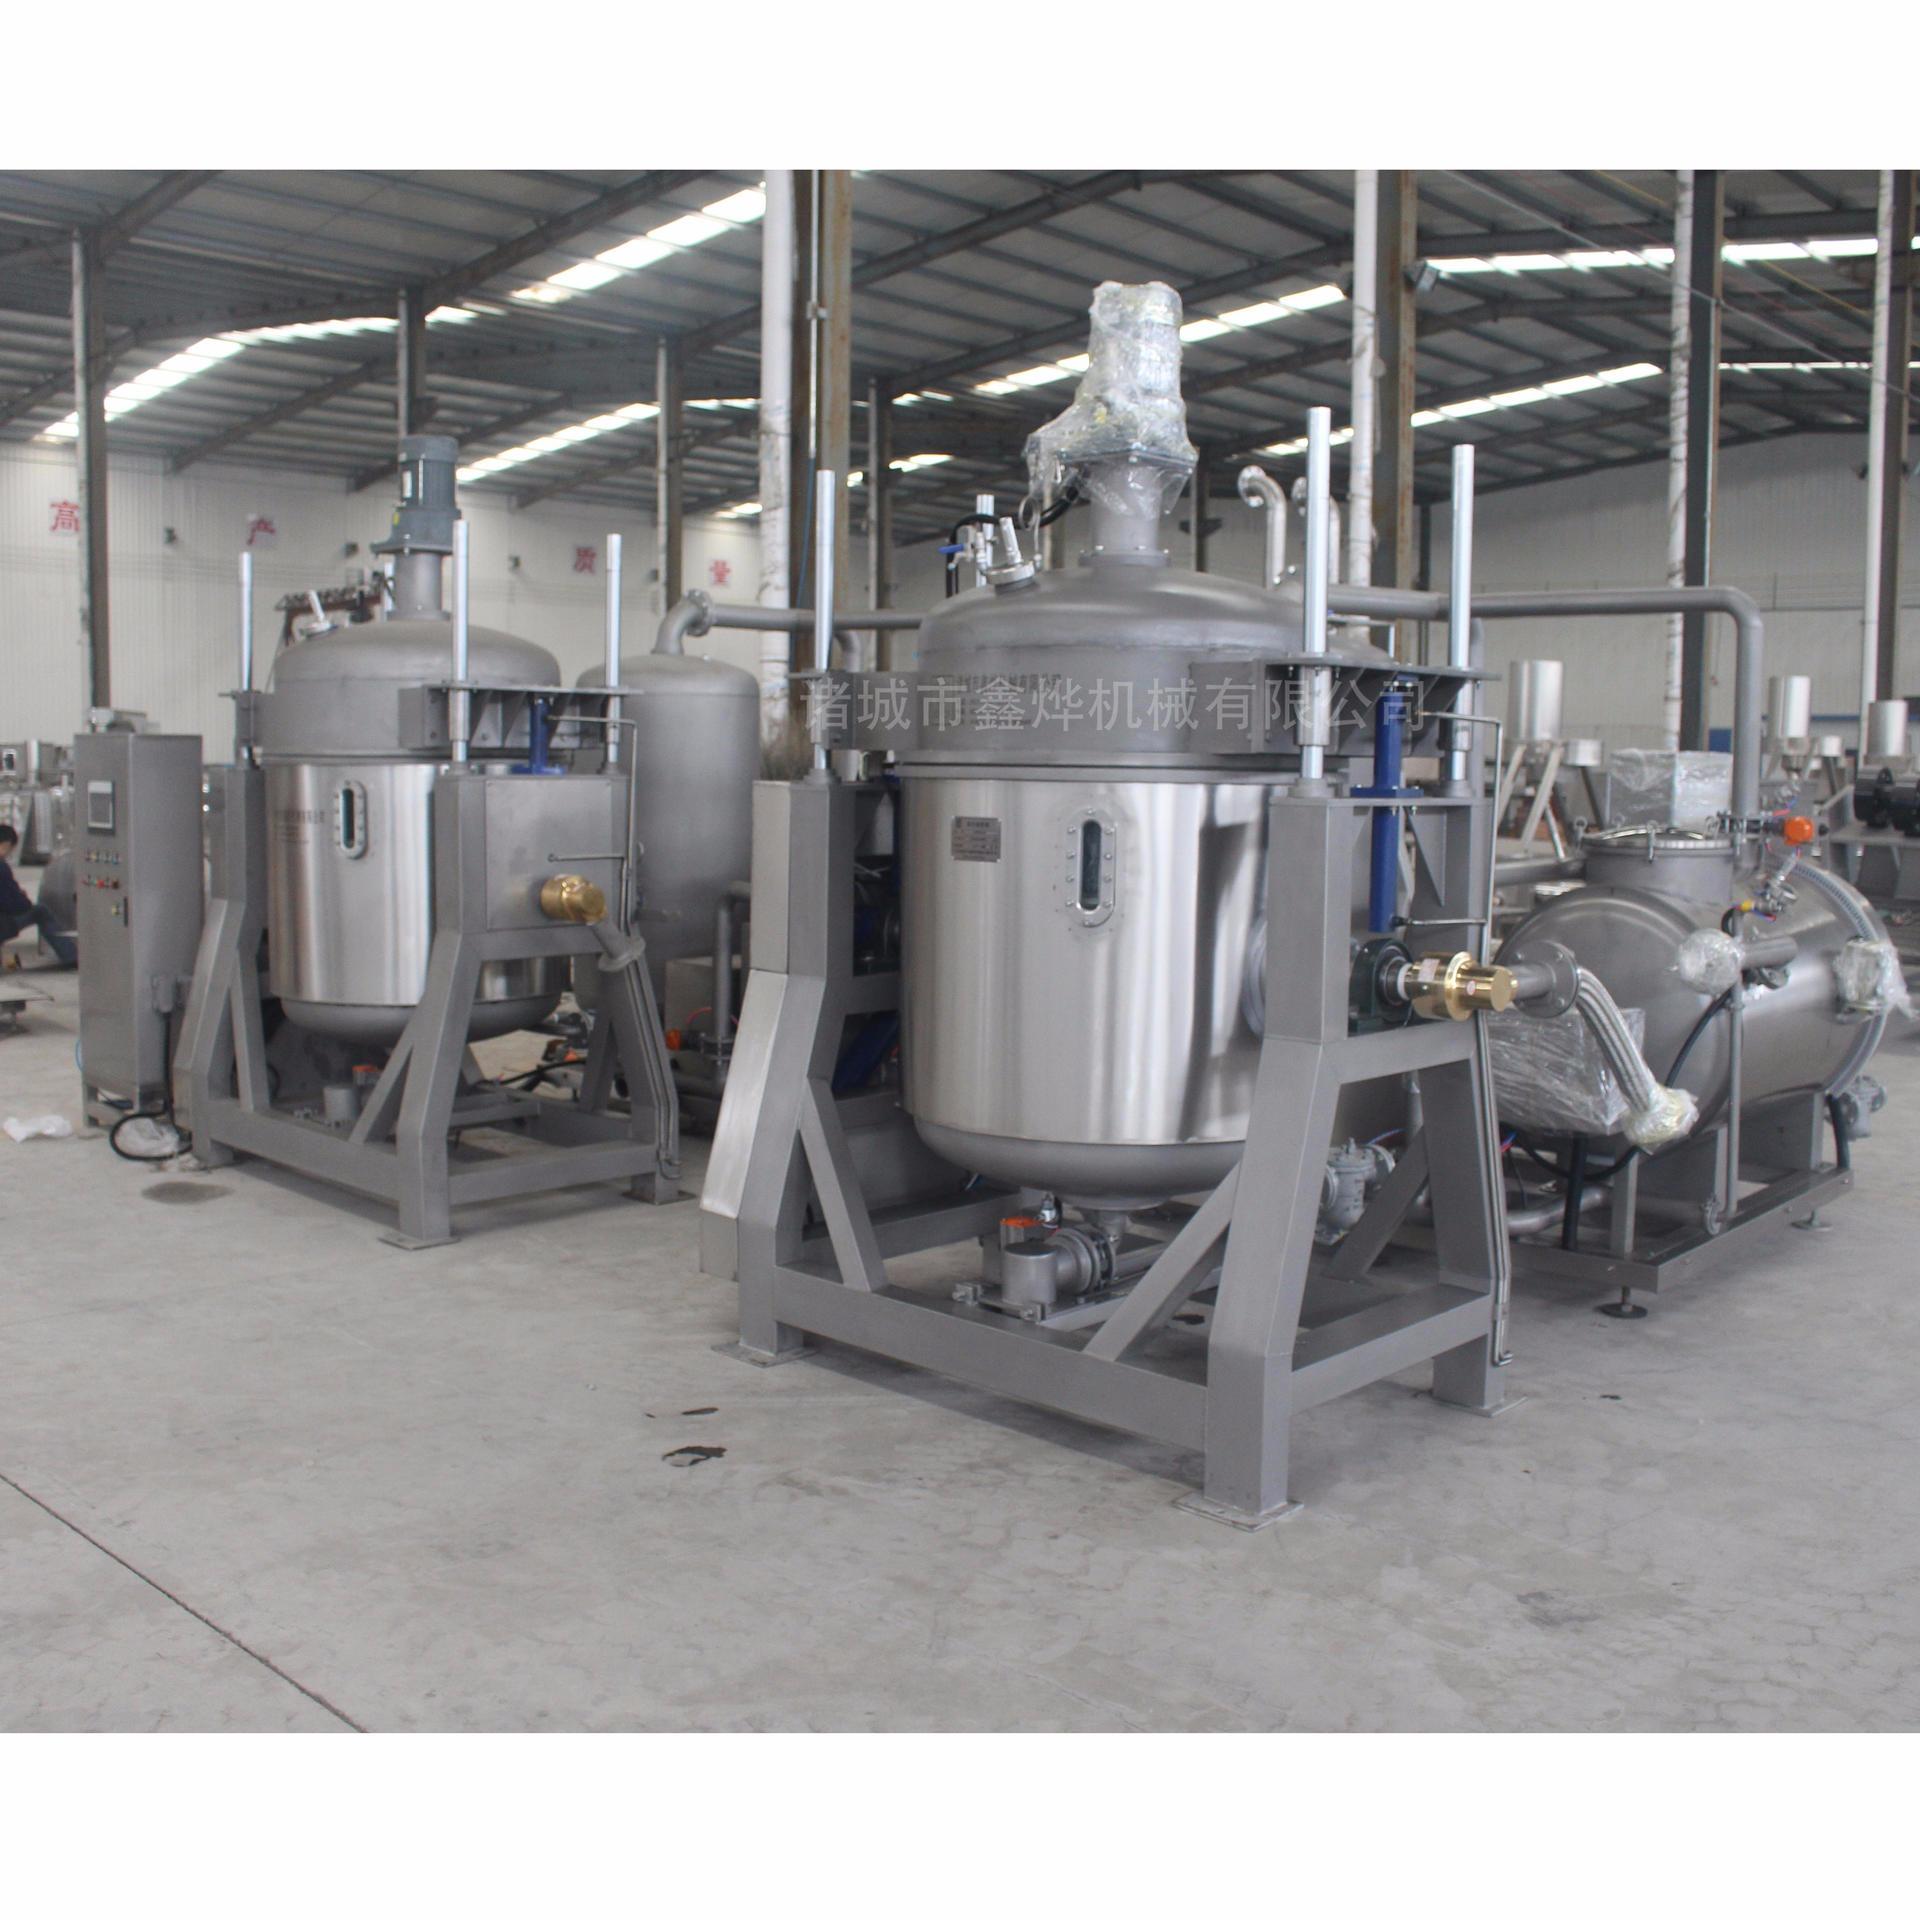 真空低溫油炸機 脆片干燥設備 果蔬脆設備 鑫燁機械商家直銷